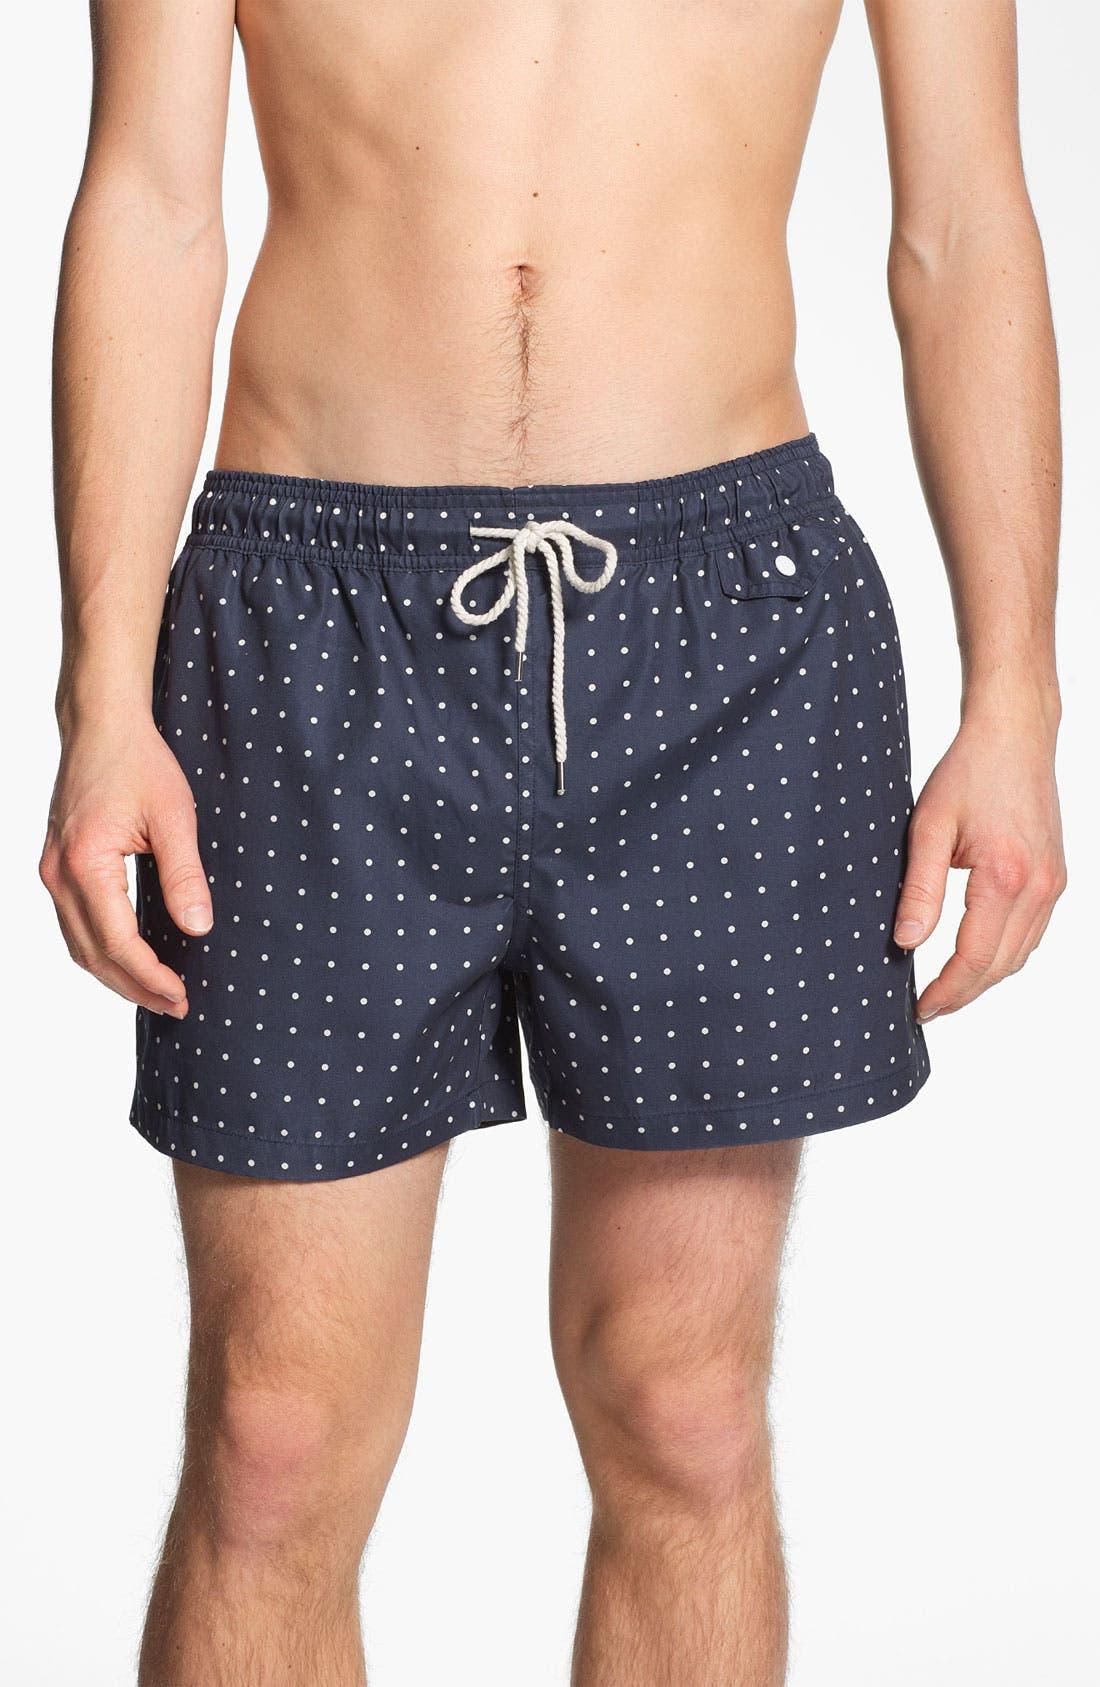 Alternate Image 1 Selected - Topman Polka Dot Swim Trunks